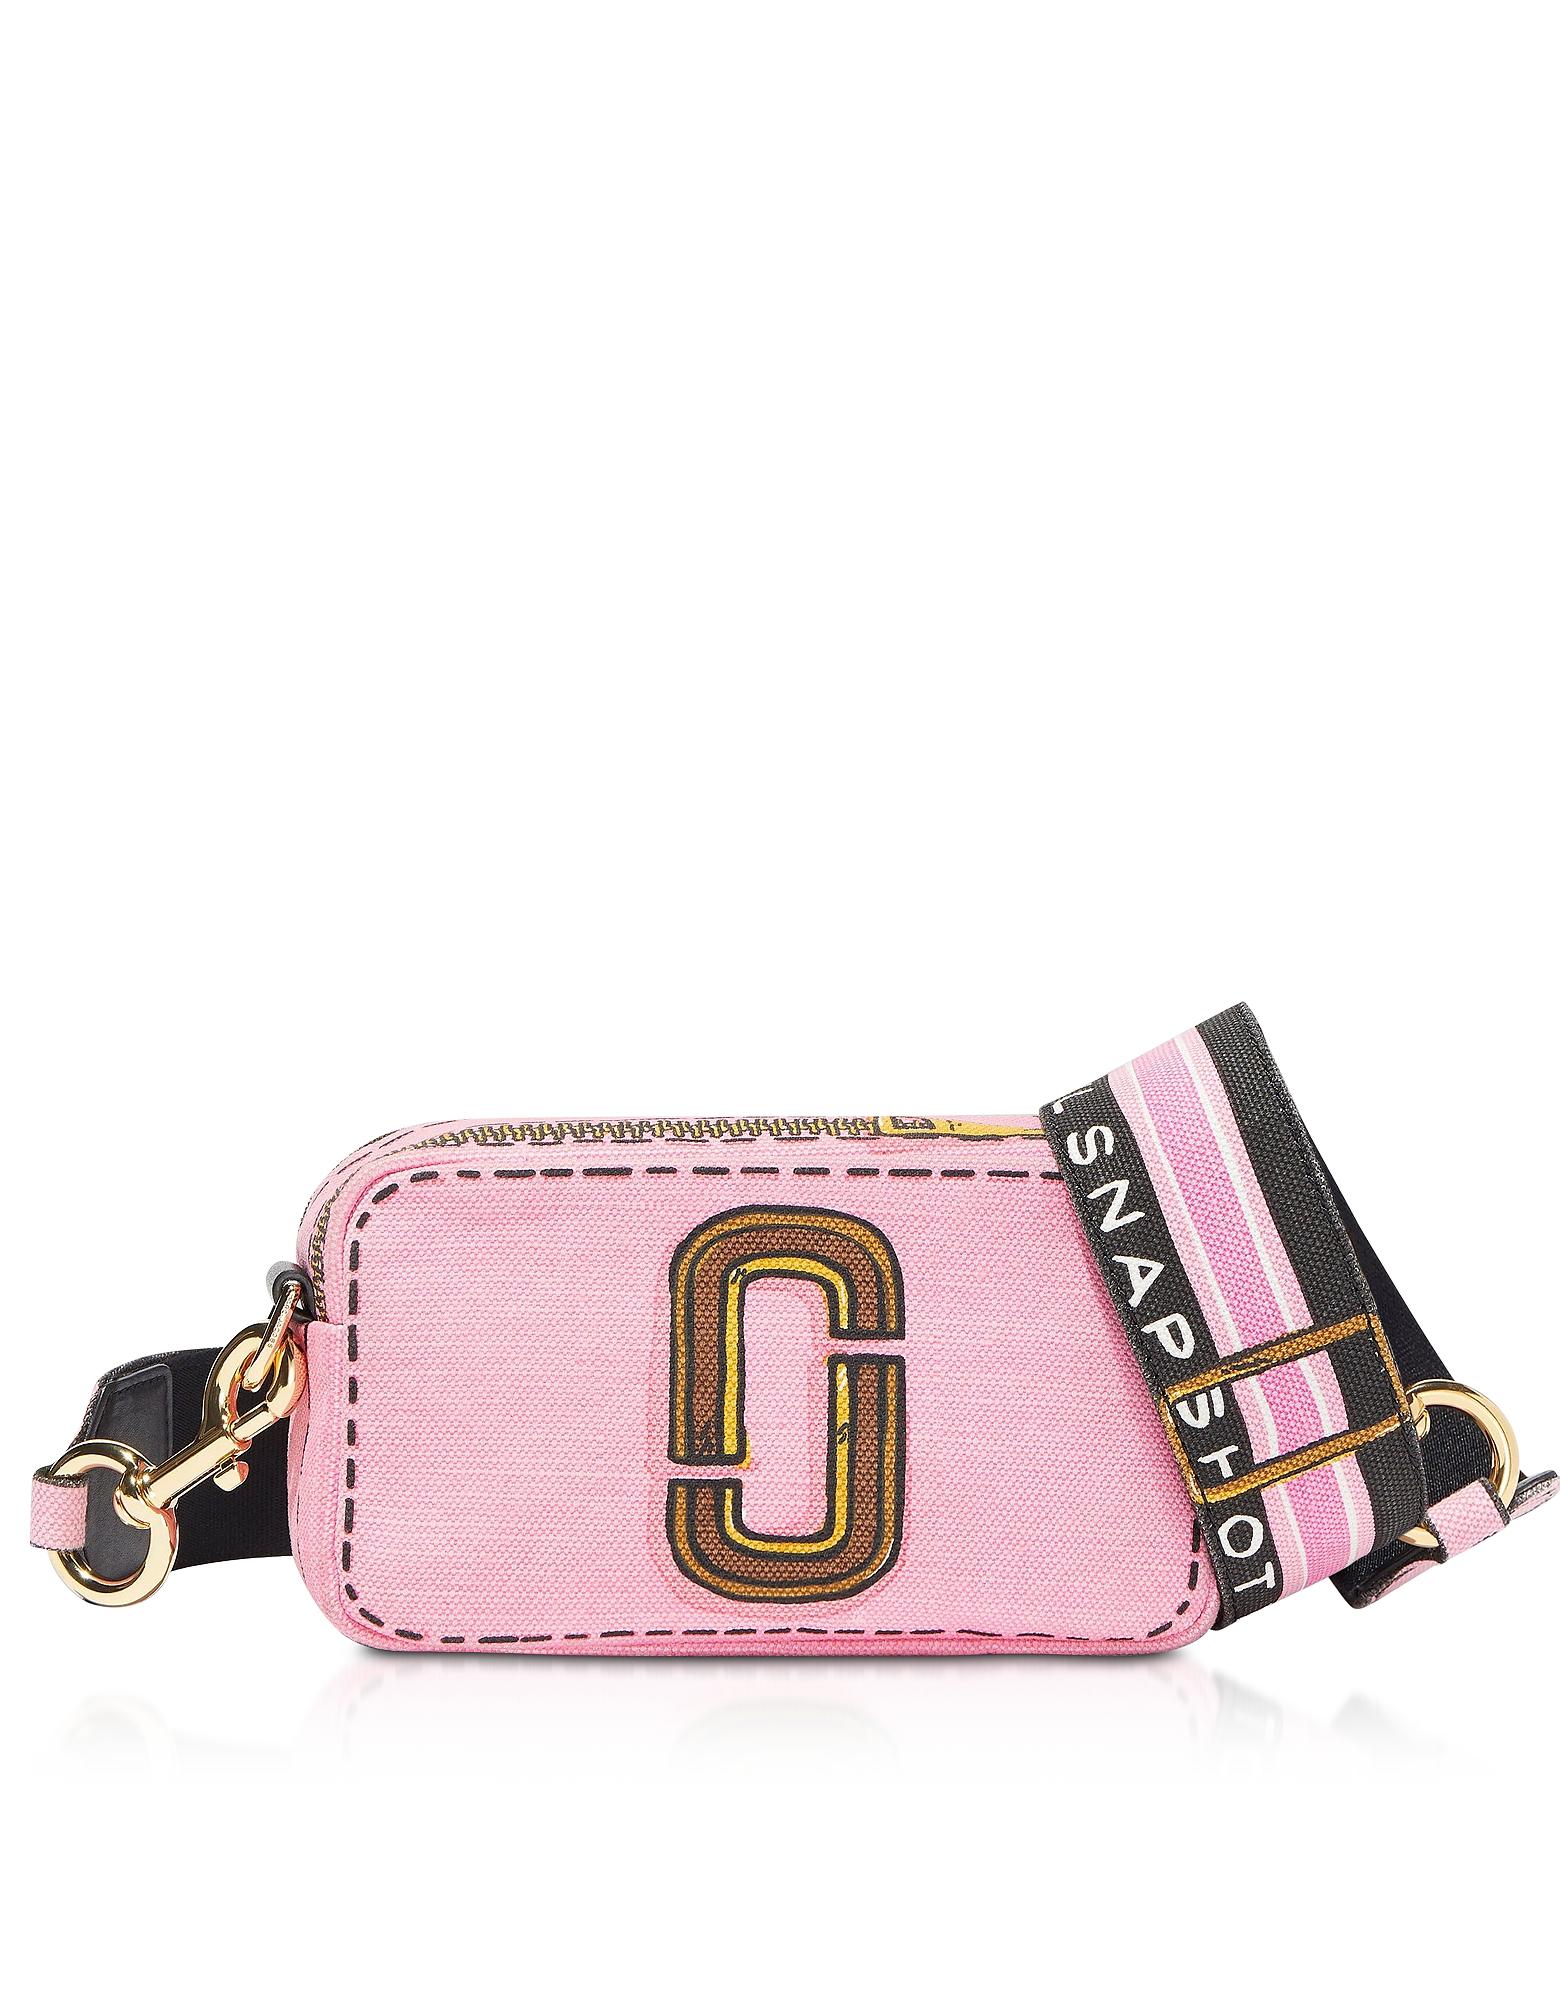 Marc Jacobs Designer Handbags, Cotton & Linen The Trompe L'oeil Snapshot Camera Bag